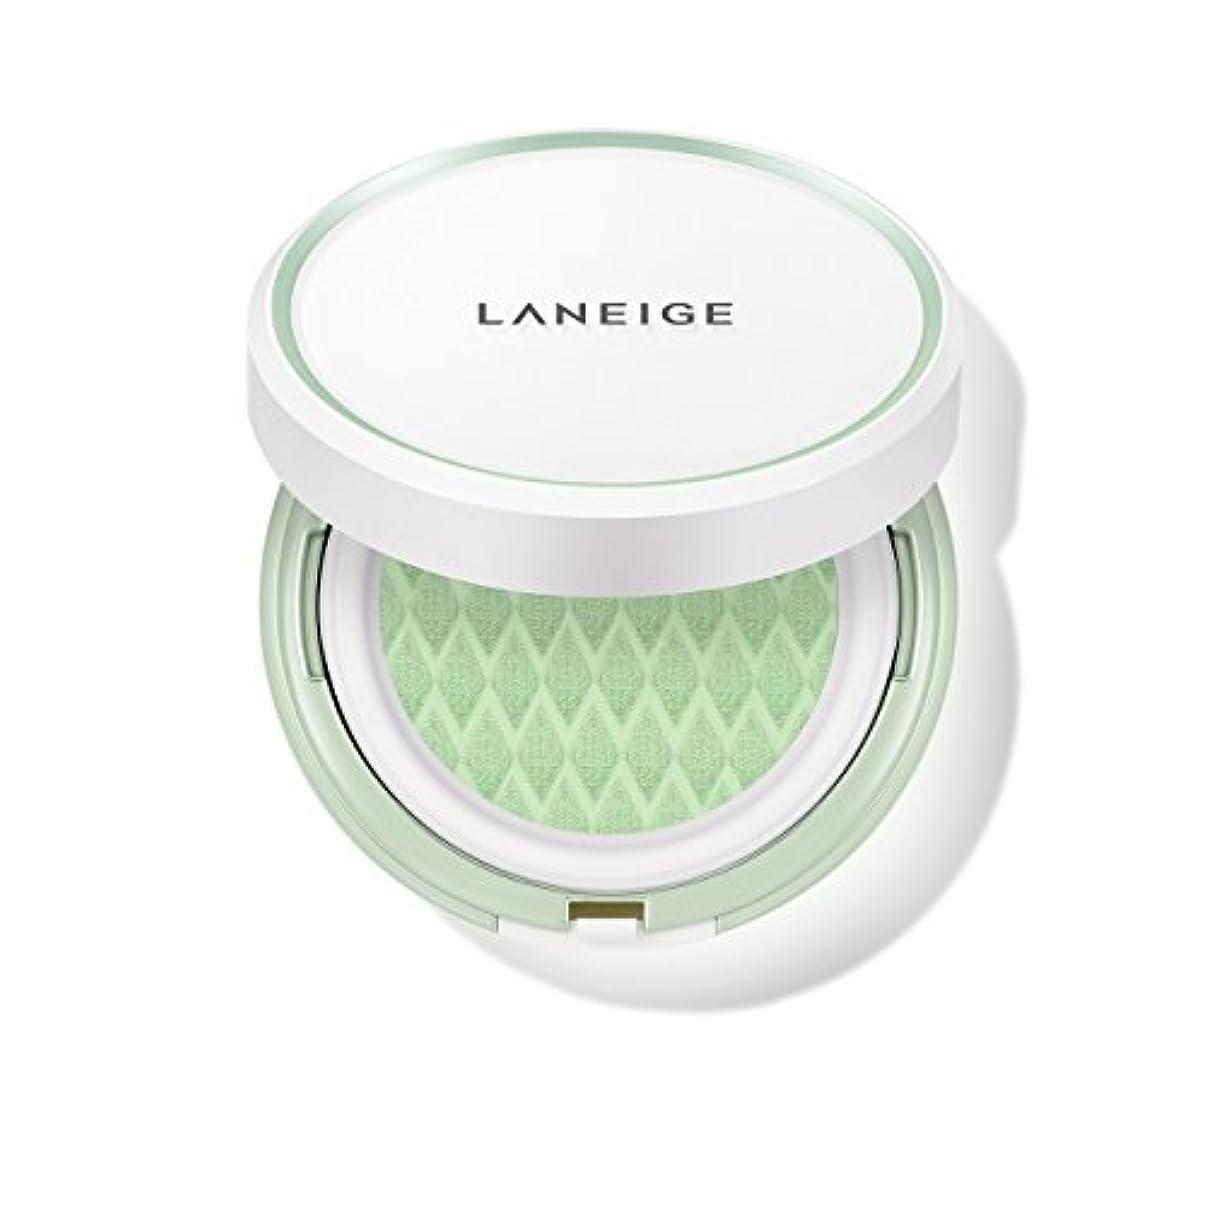 慈善伸ばすコックラネージュ[LANEIGE]*AMOREPACIFIC*[新商品]スキンベなベースクッションSPF 22PA++(#60 Light Green) 15g*2 / LANEIGE Skin Veil Base Cushion...